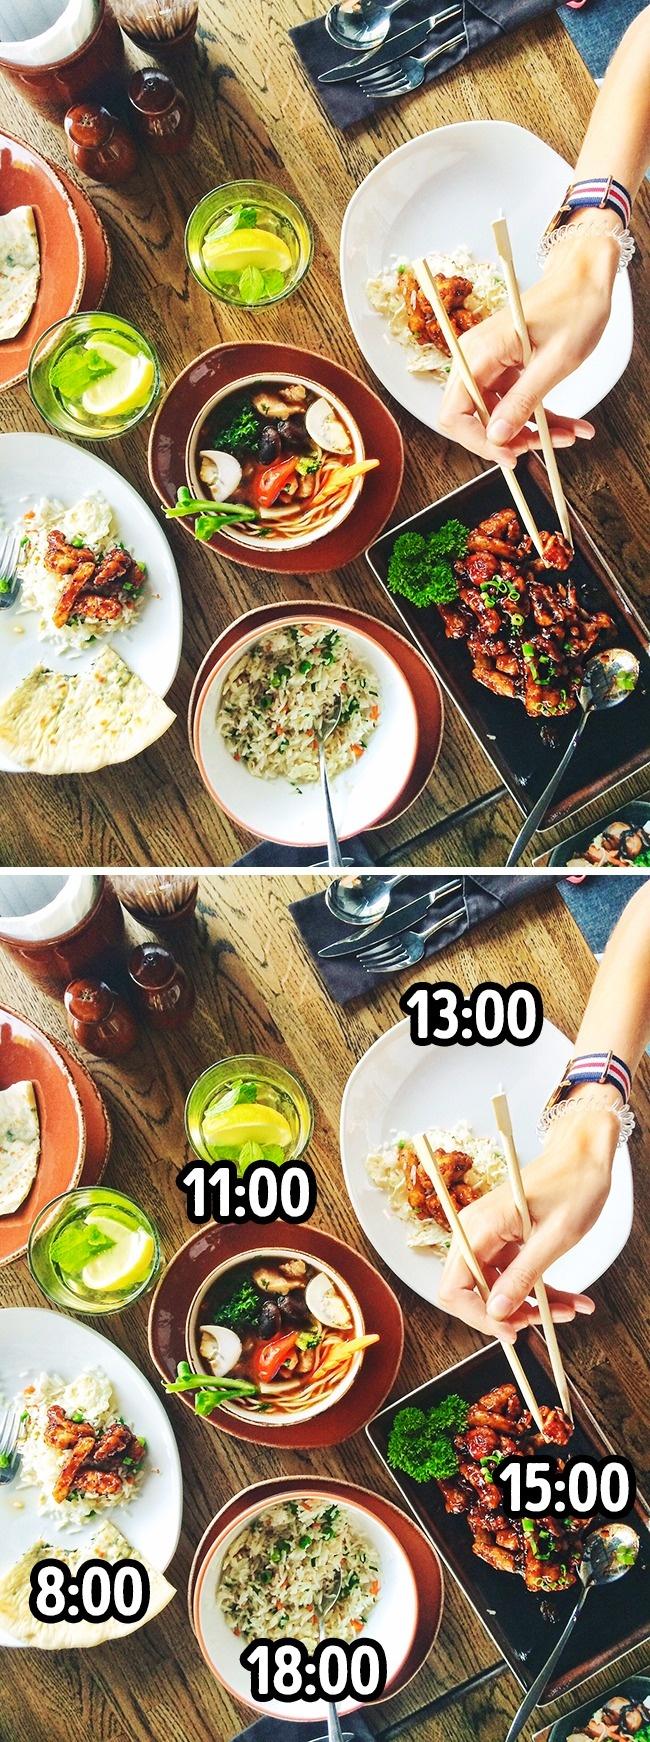 Внорме унас целых 5приемов пищи вдень: завтрак, обед, ужин идва легких перекуса. Ненужно ихпр